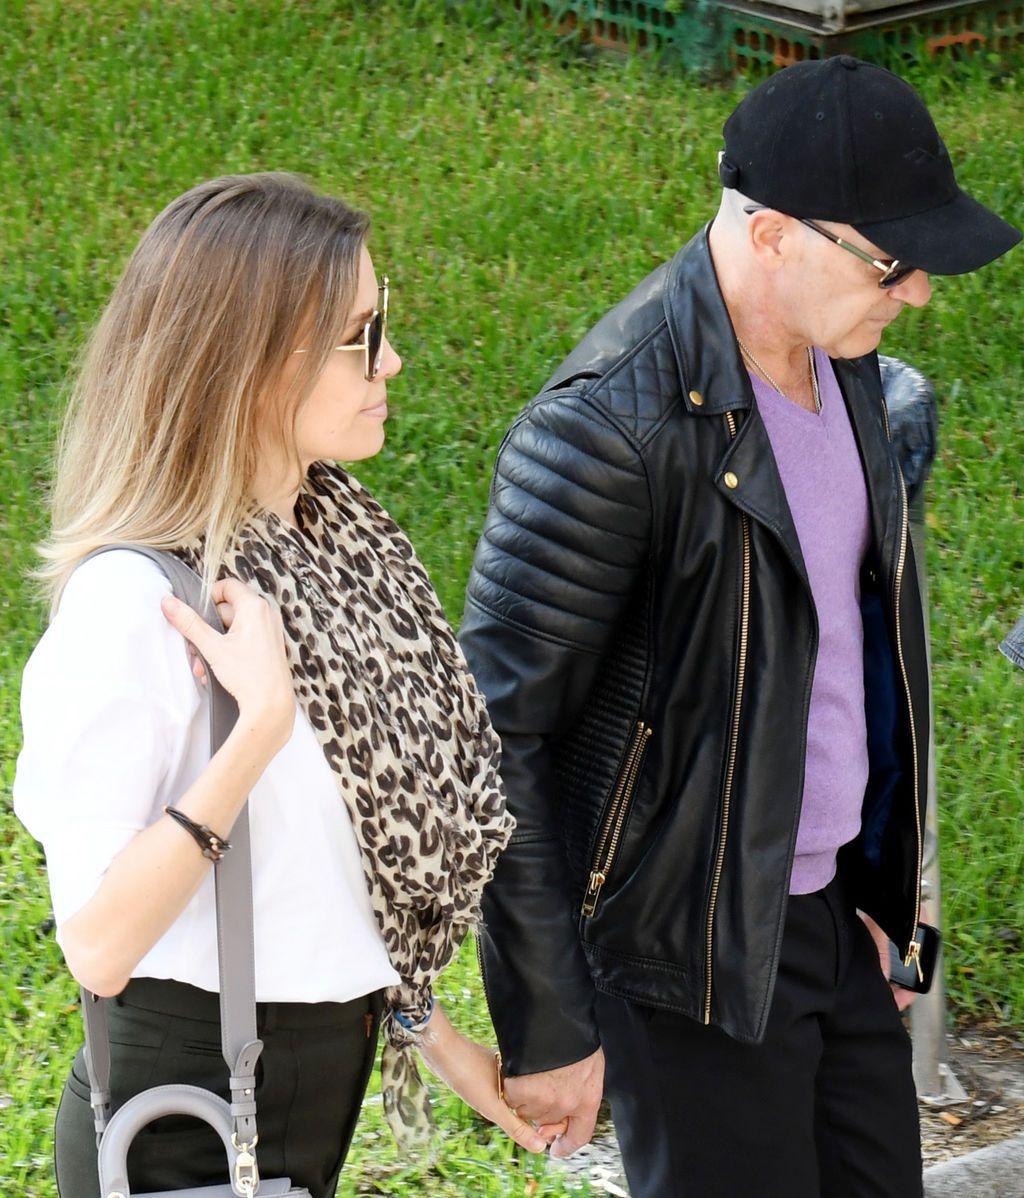 Antonio Banderas llega acompañado de su pareja Nicole Kimpel